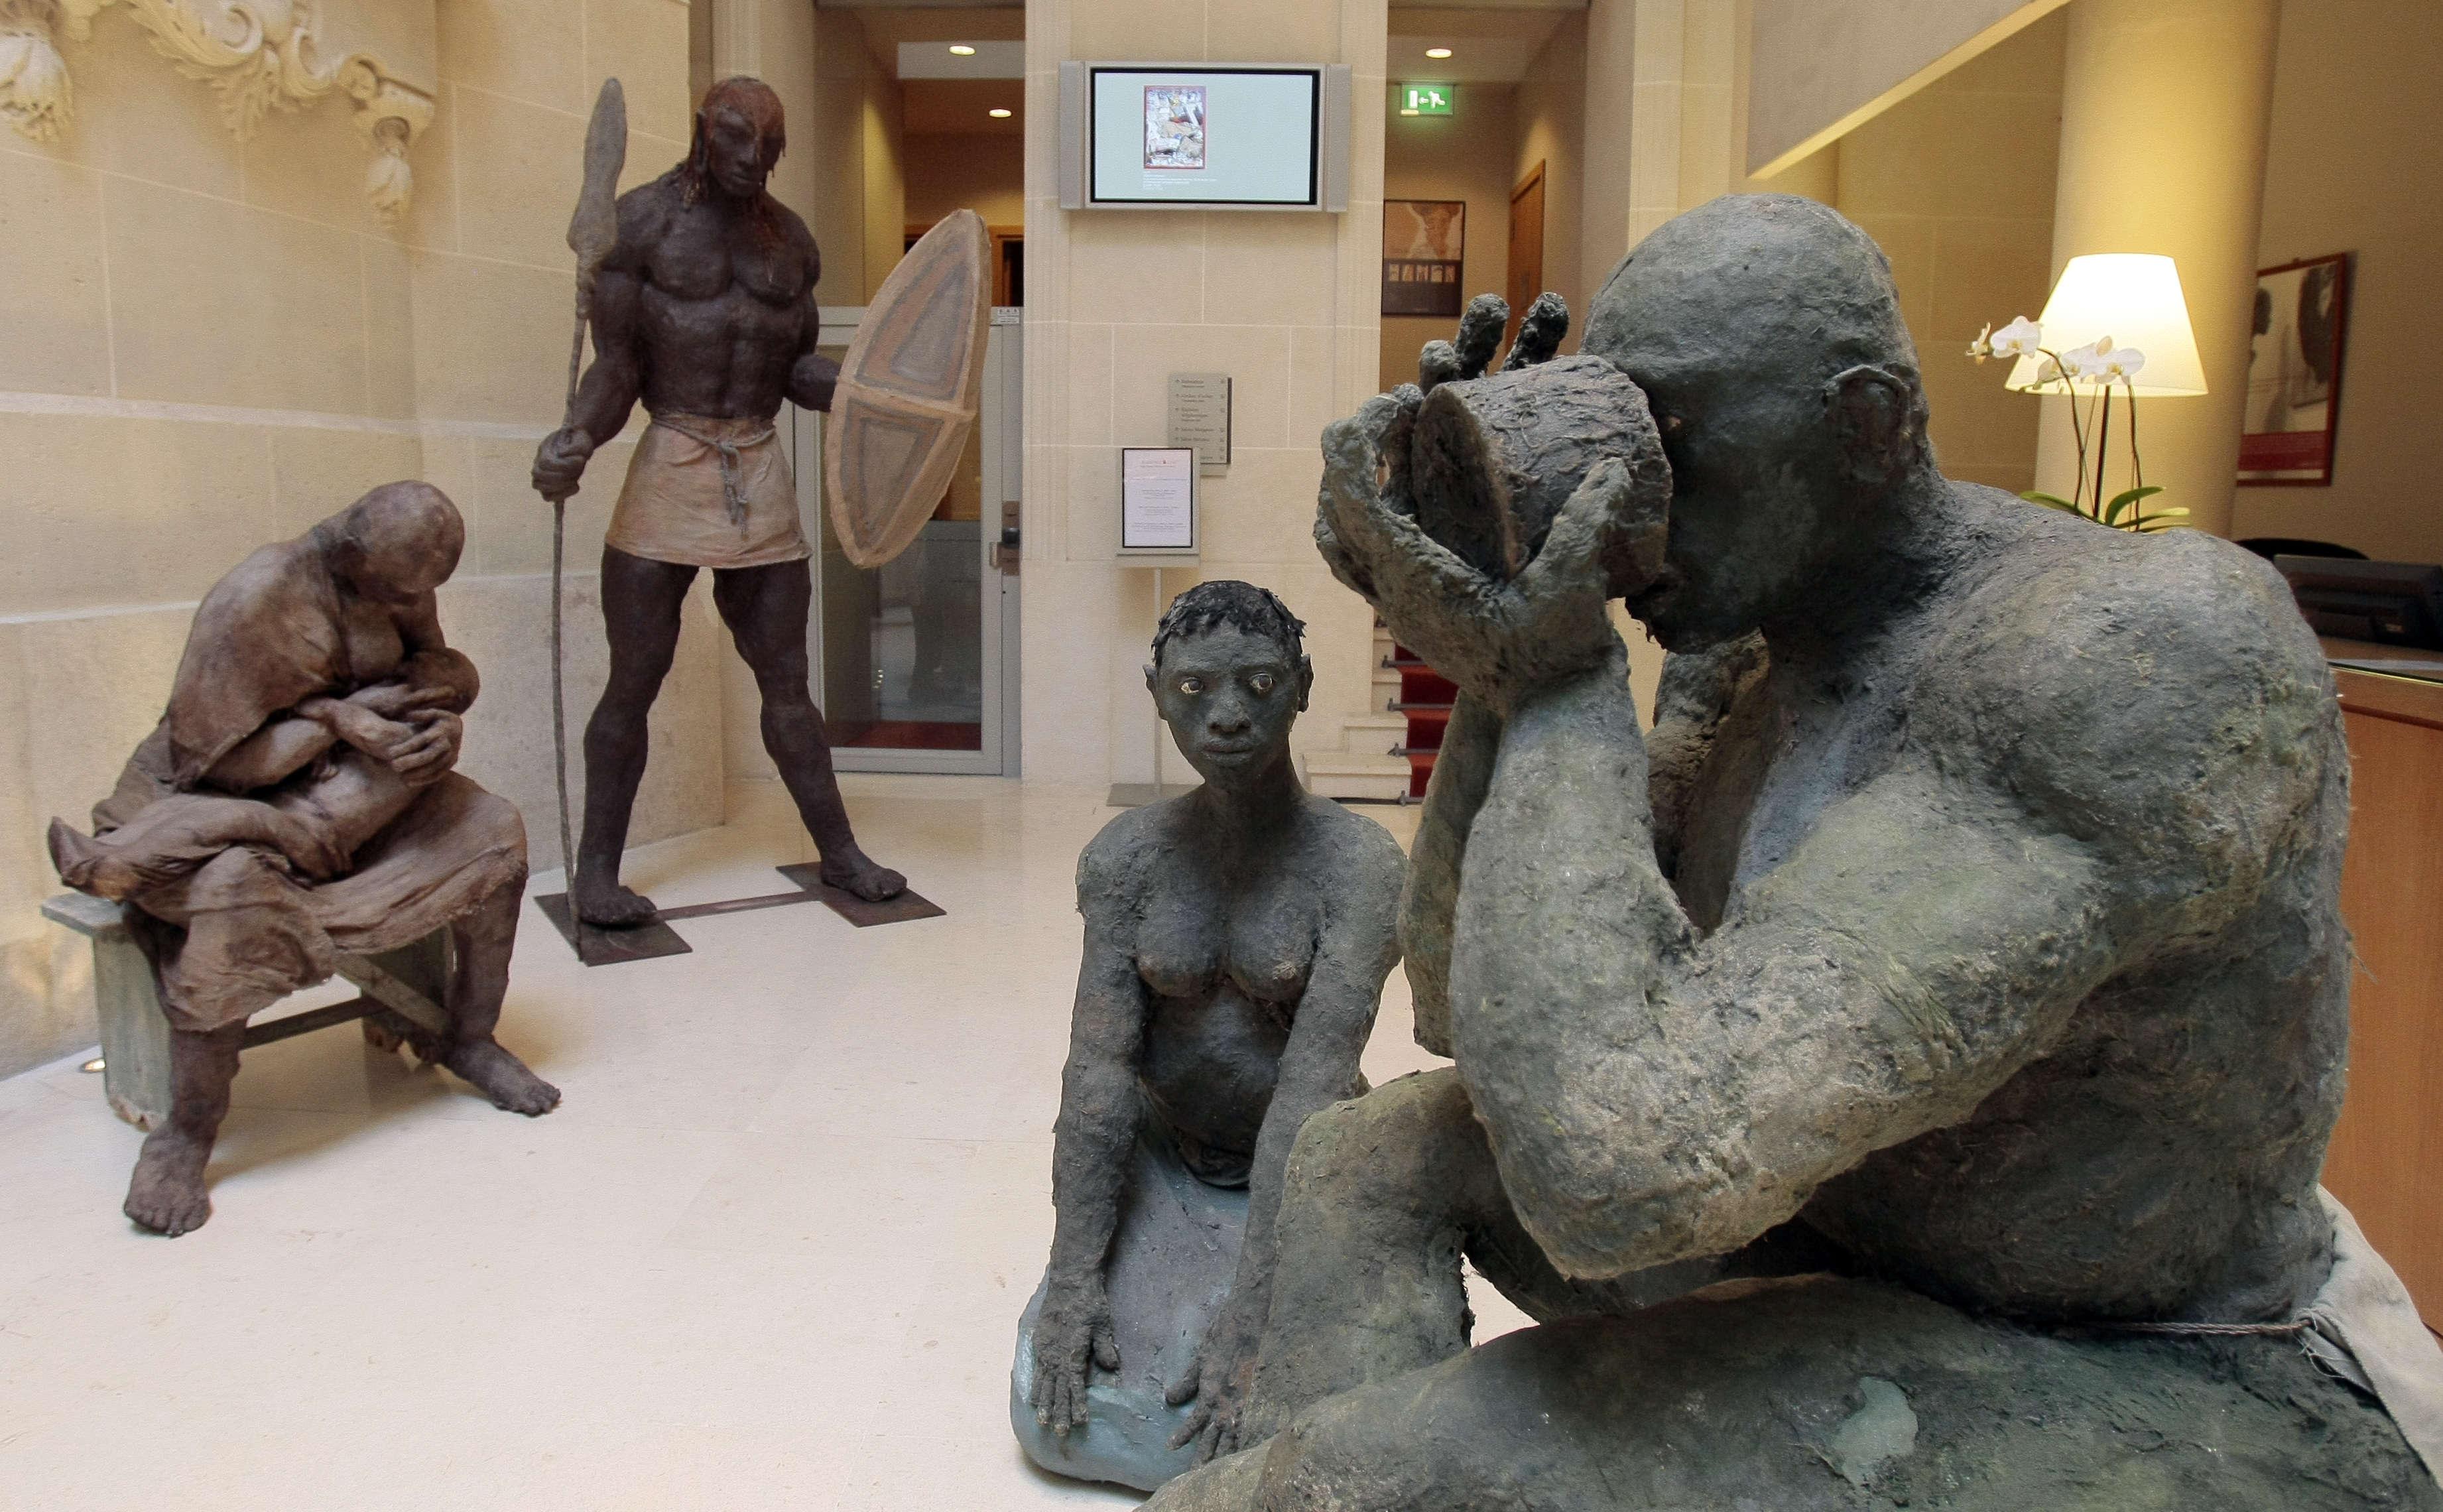 La série des Nouba, inspirée par les photos de Leni Riefenstahl, est présentée à la Documenta de Kassel en 1992, marquant l'entrée d'Ousmane Sow dans la cour des grands artistes contemporains.